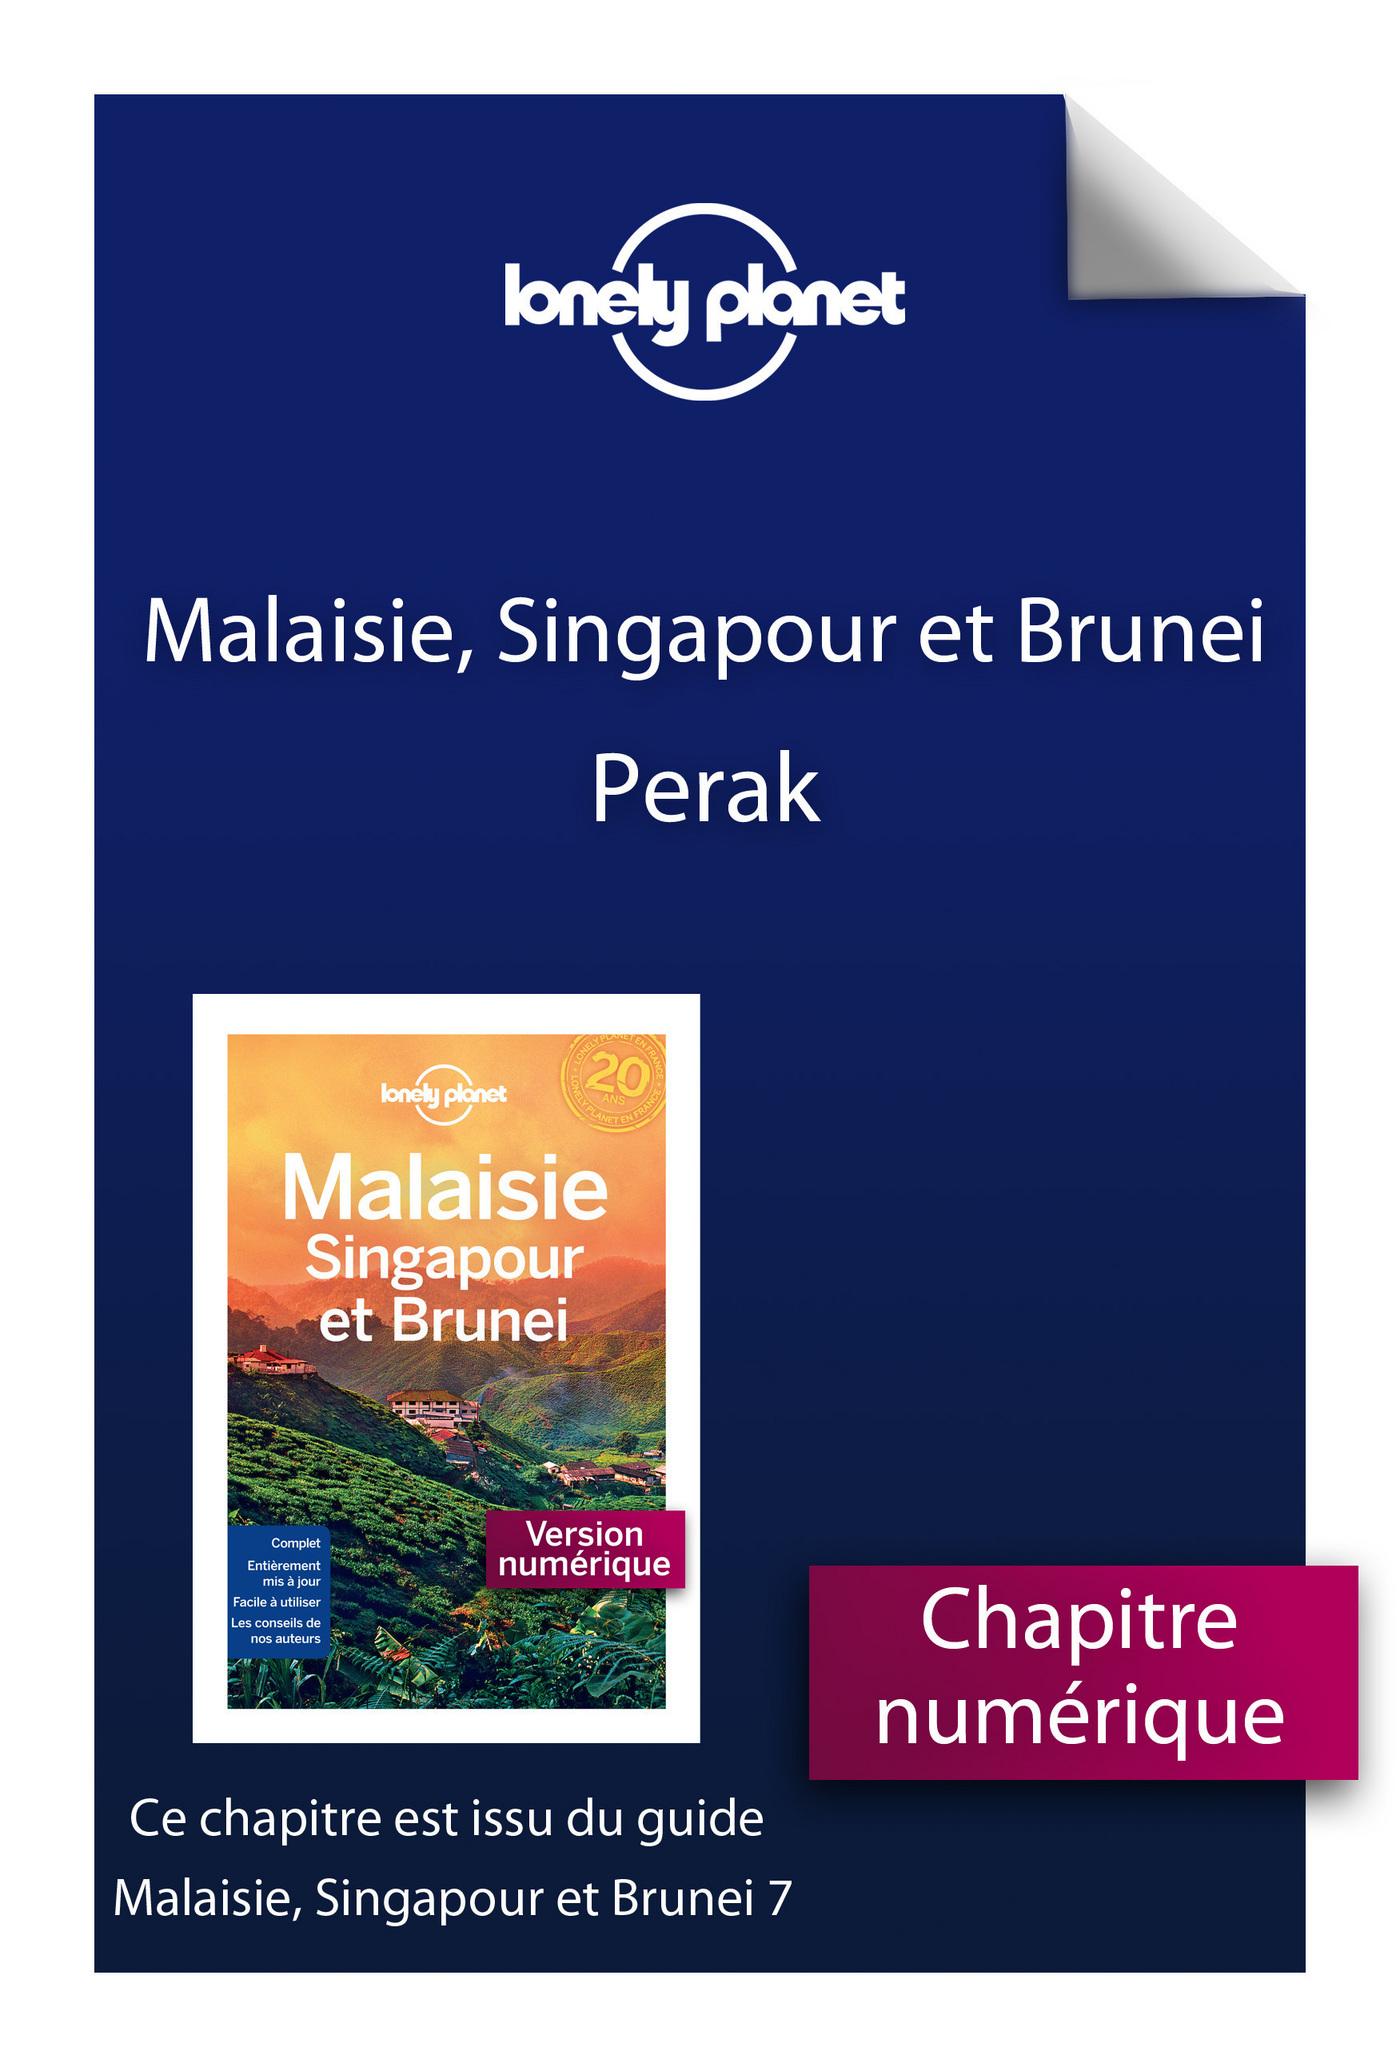 Malaisie, Singapour et Brunei 7ed - Perak